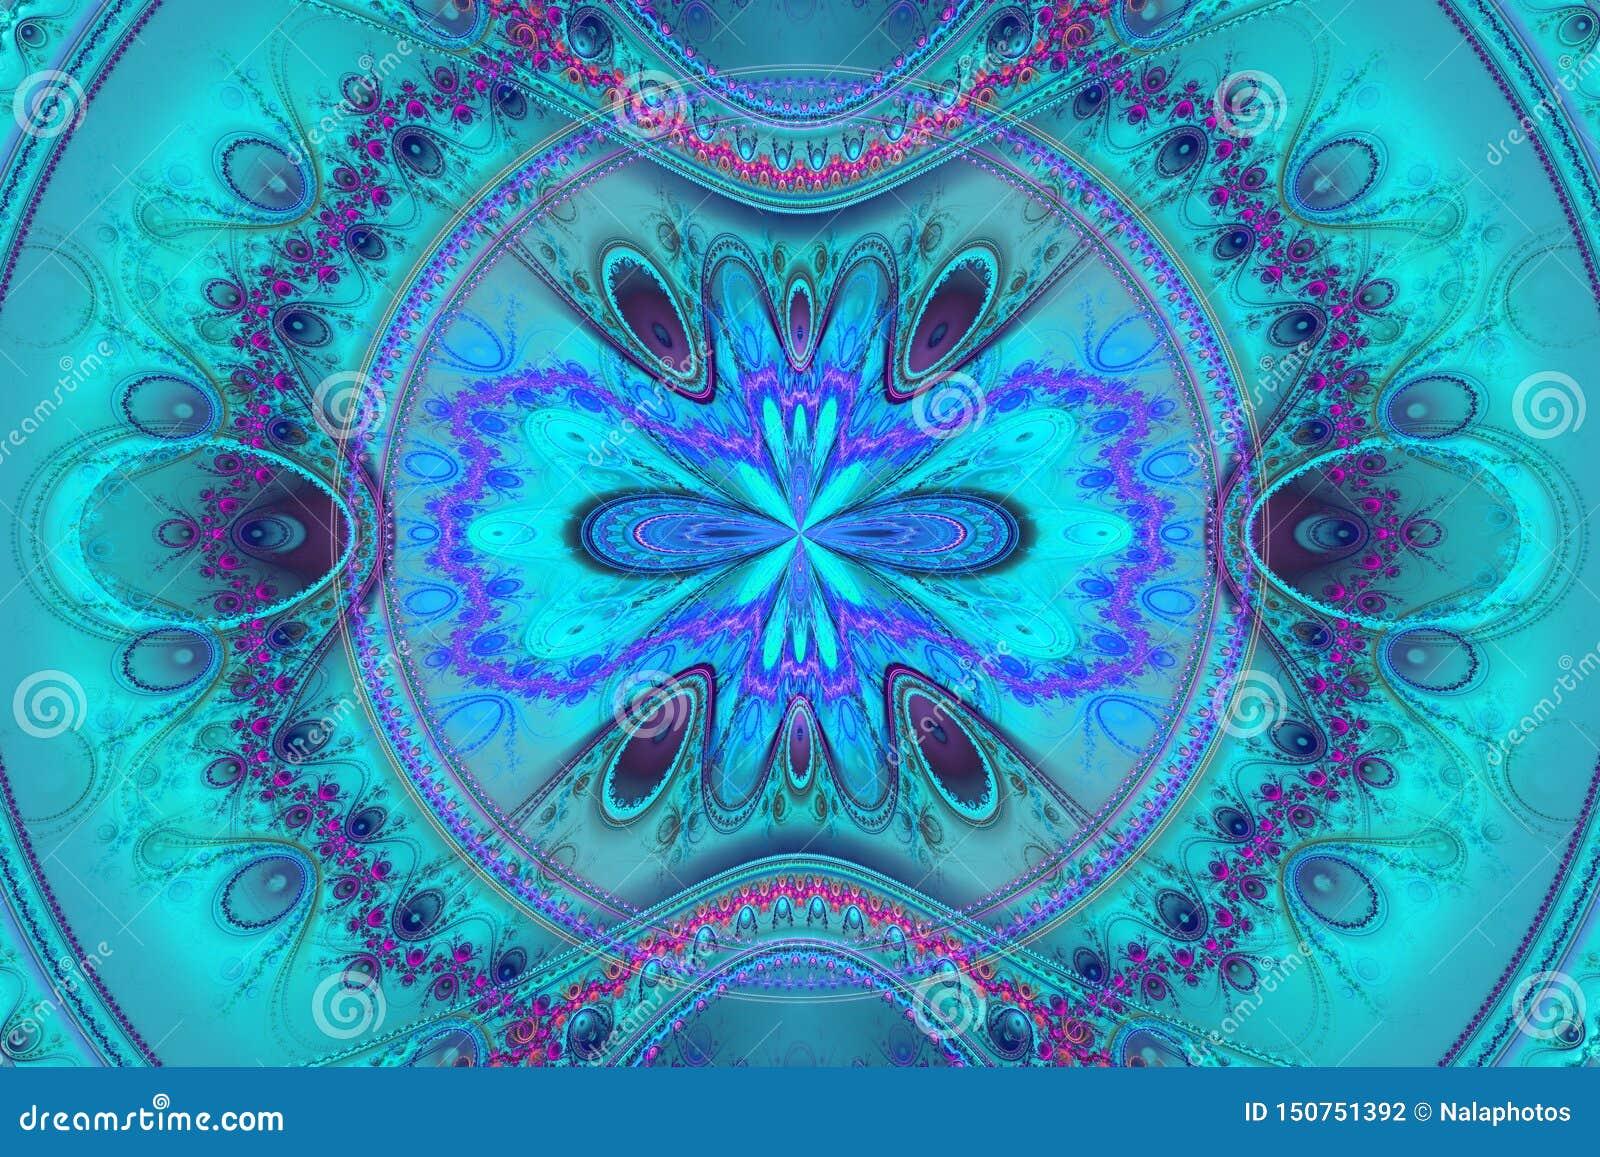 蓝色例证分数维背景几何形状书套magick爆炸作白日梦的音乐飞行物或其他概念